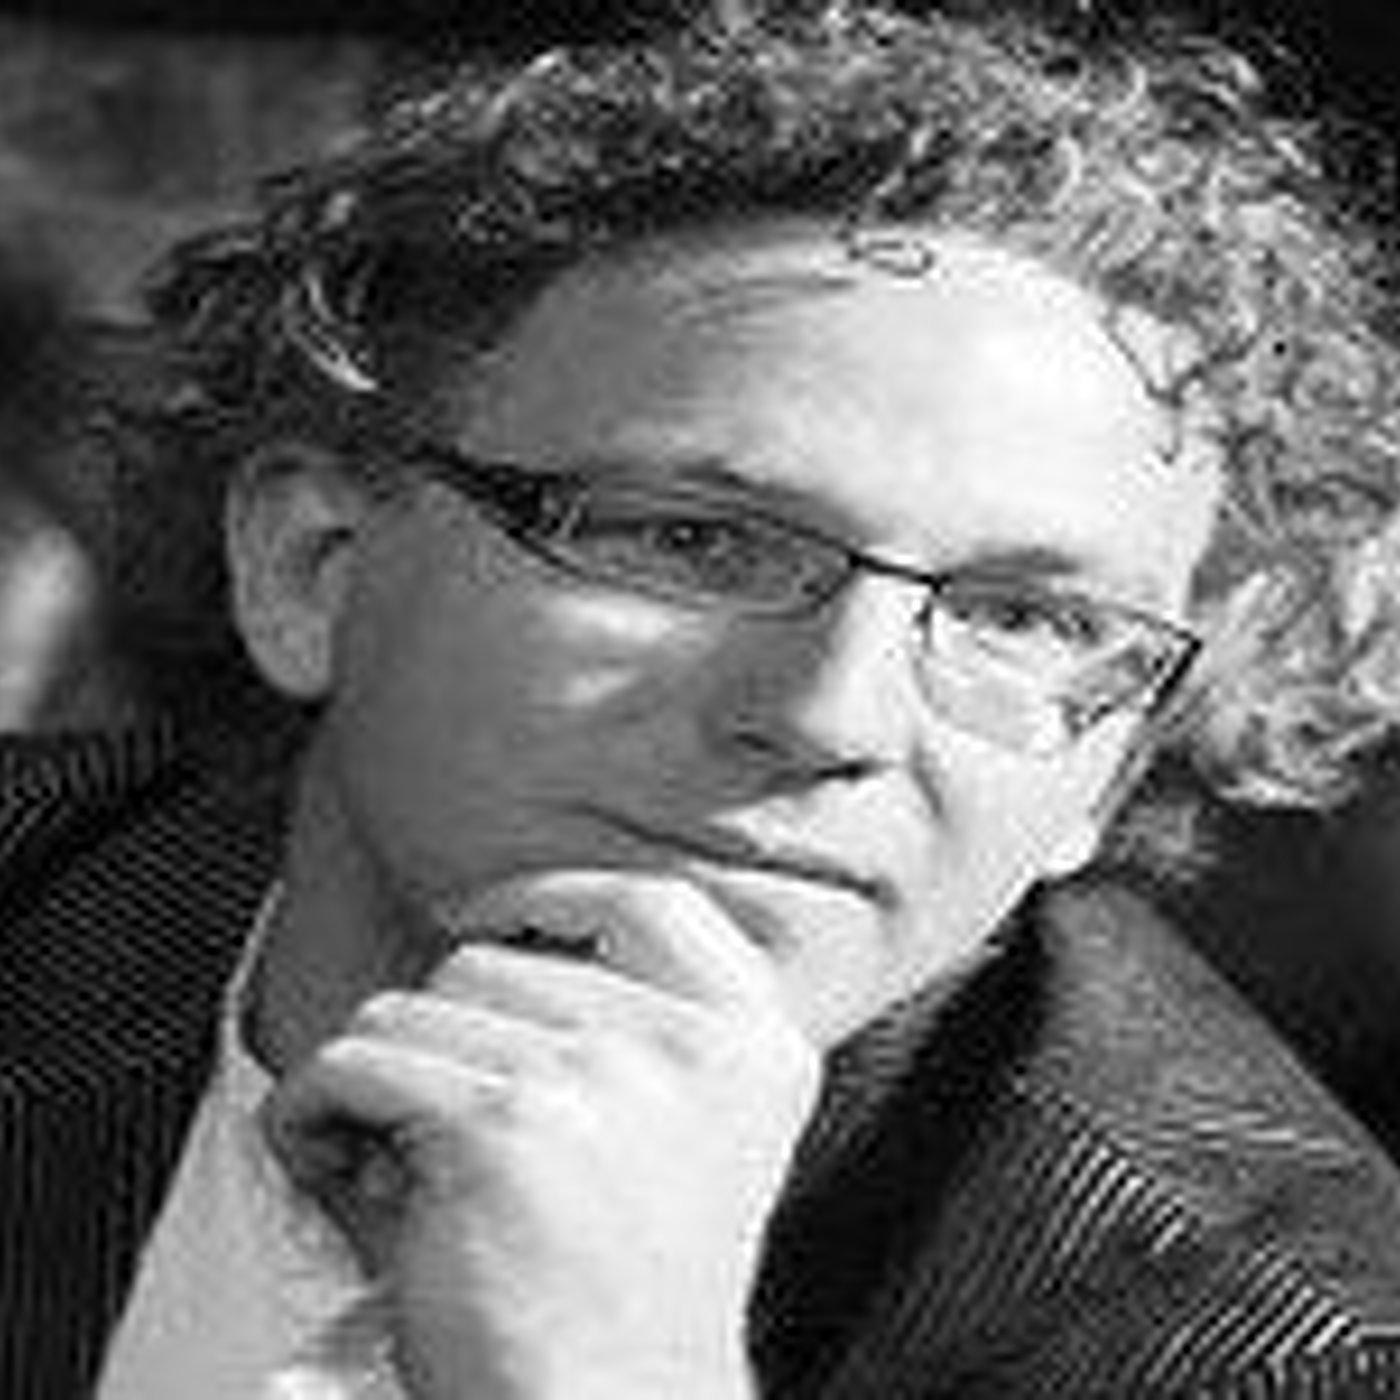 Miguel Jara - Ébola, vacunas y la industria farmaceutica